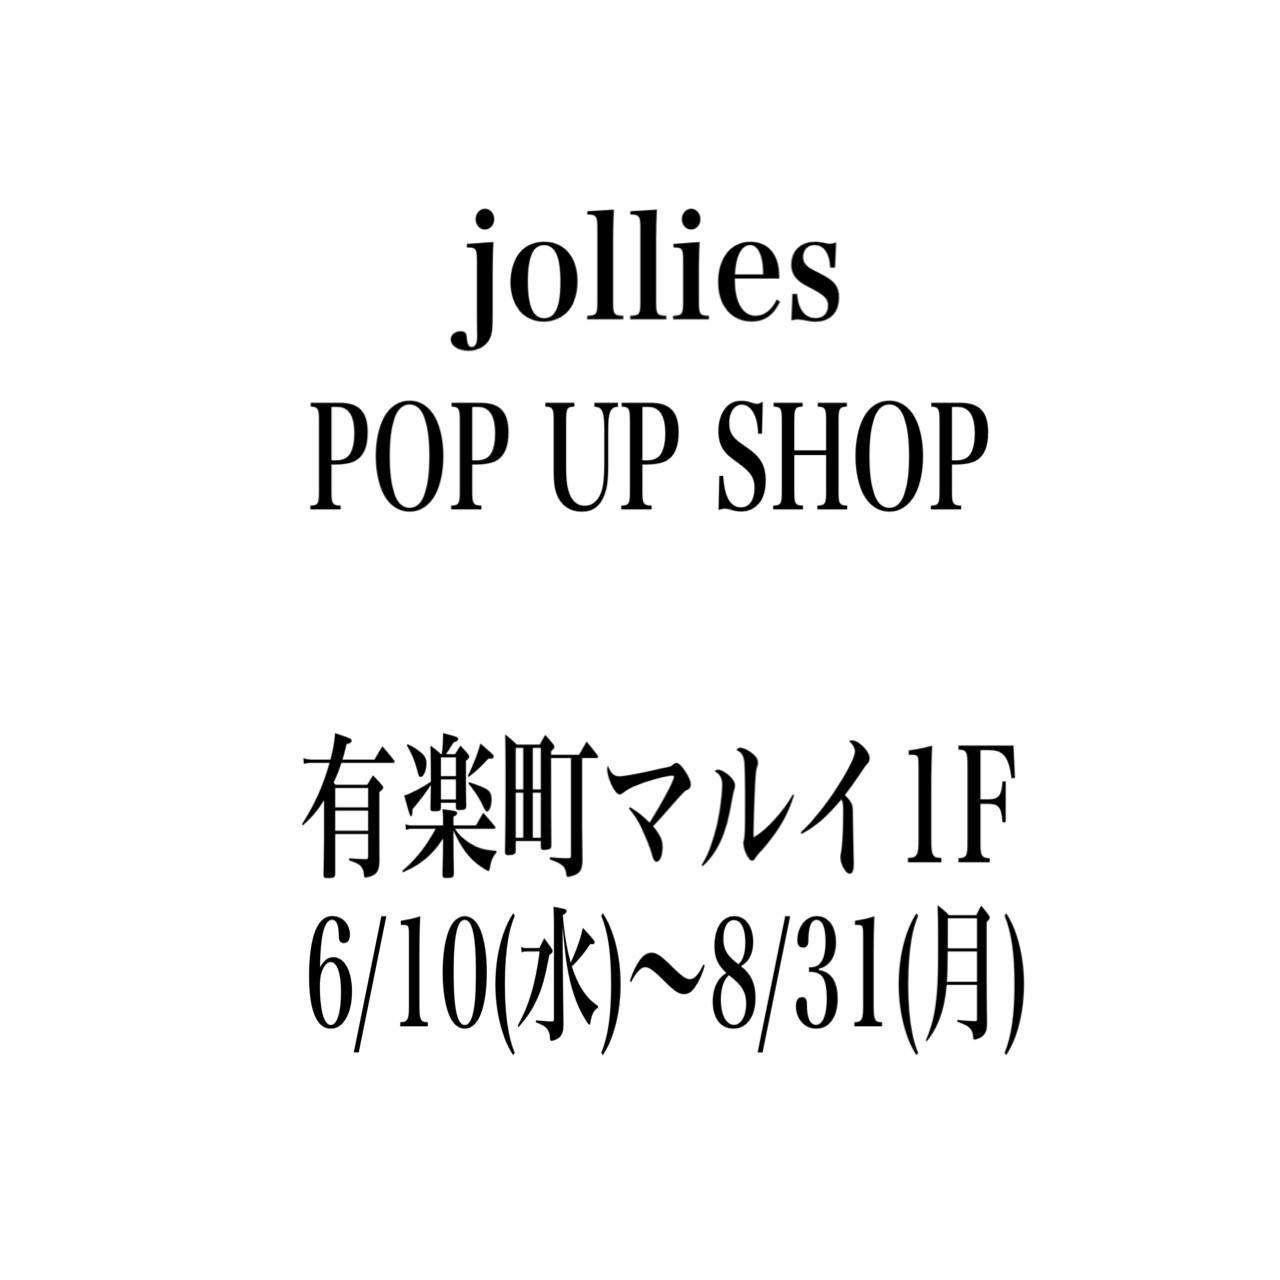 有楽町マルイ1Fポップアップ!6/10から!!